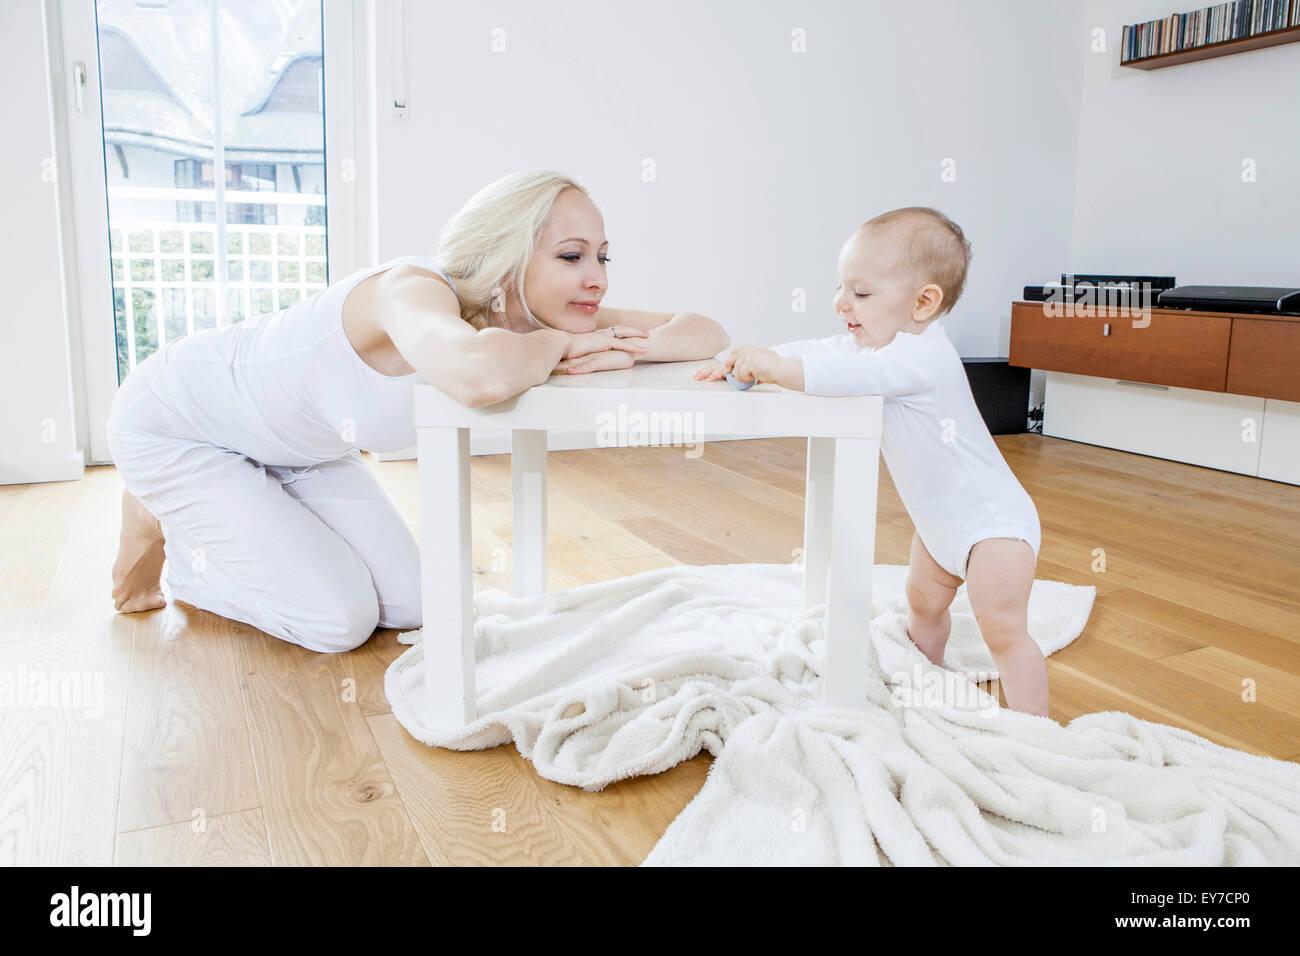 Mutter und Baby spielen im Wohnzimmer Stockbild